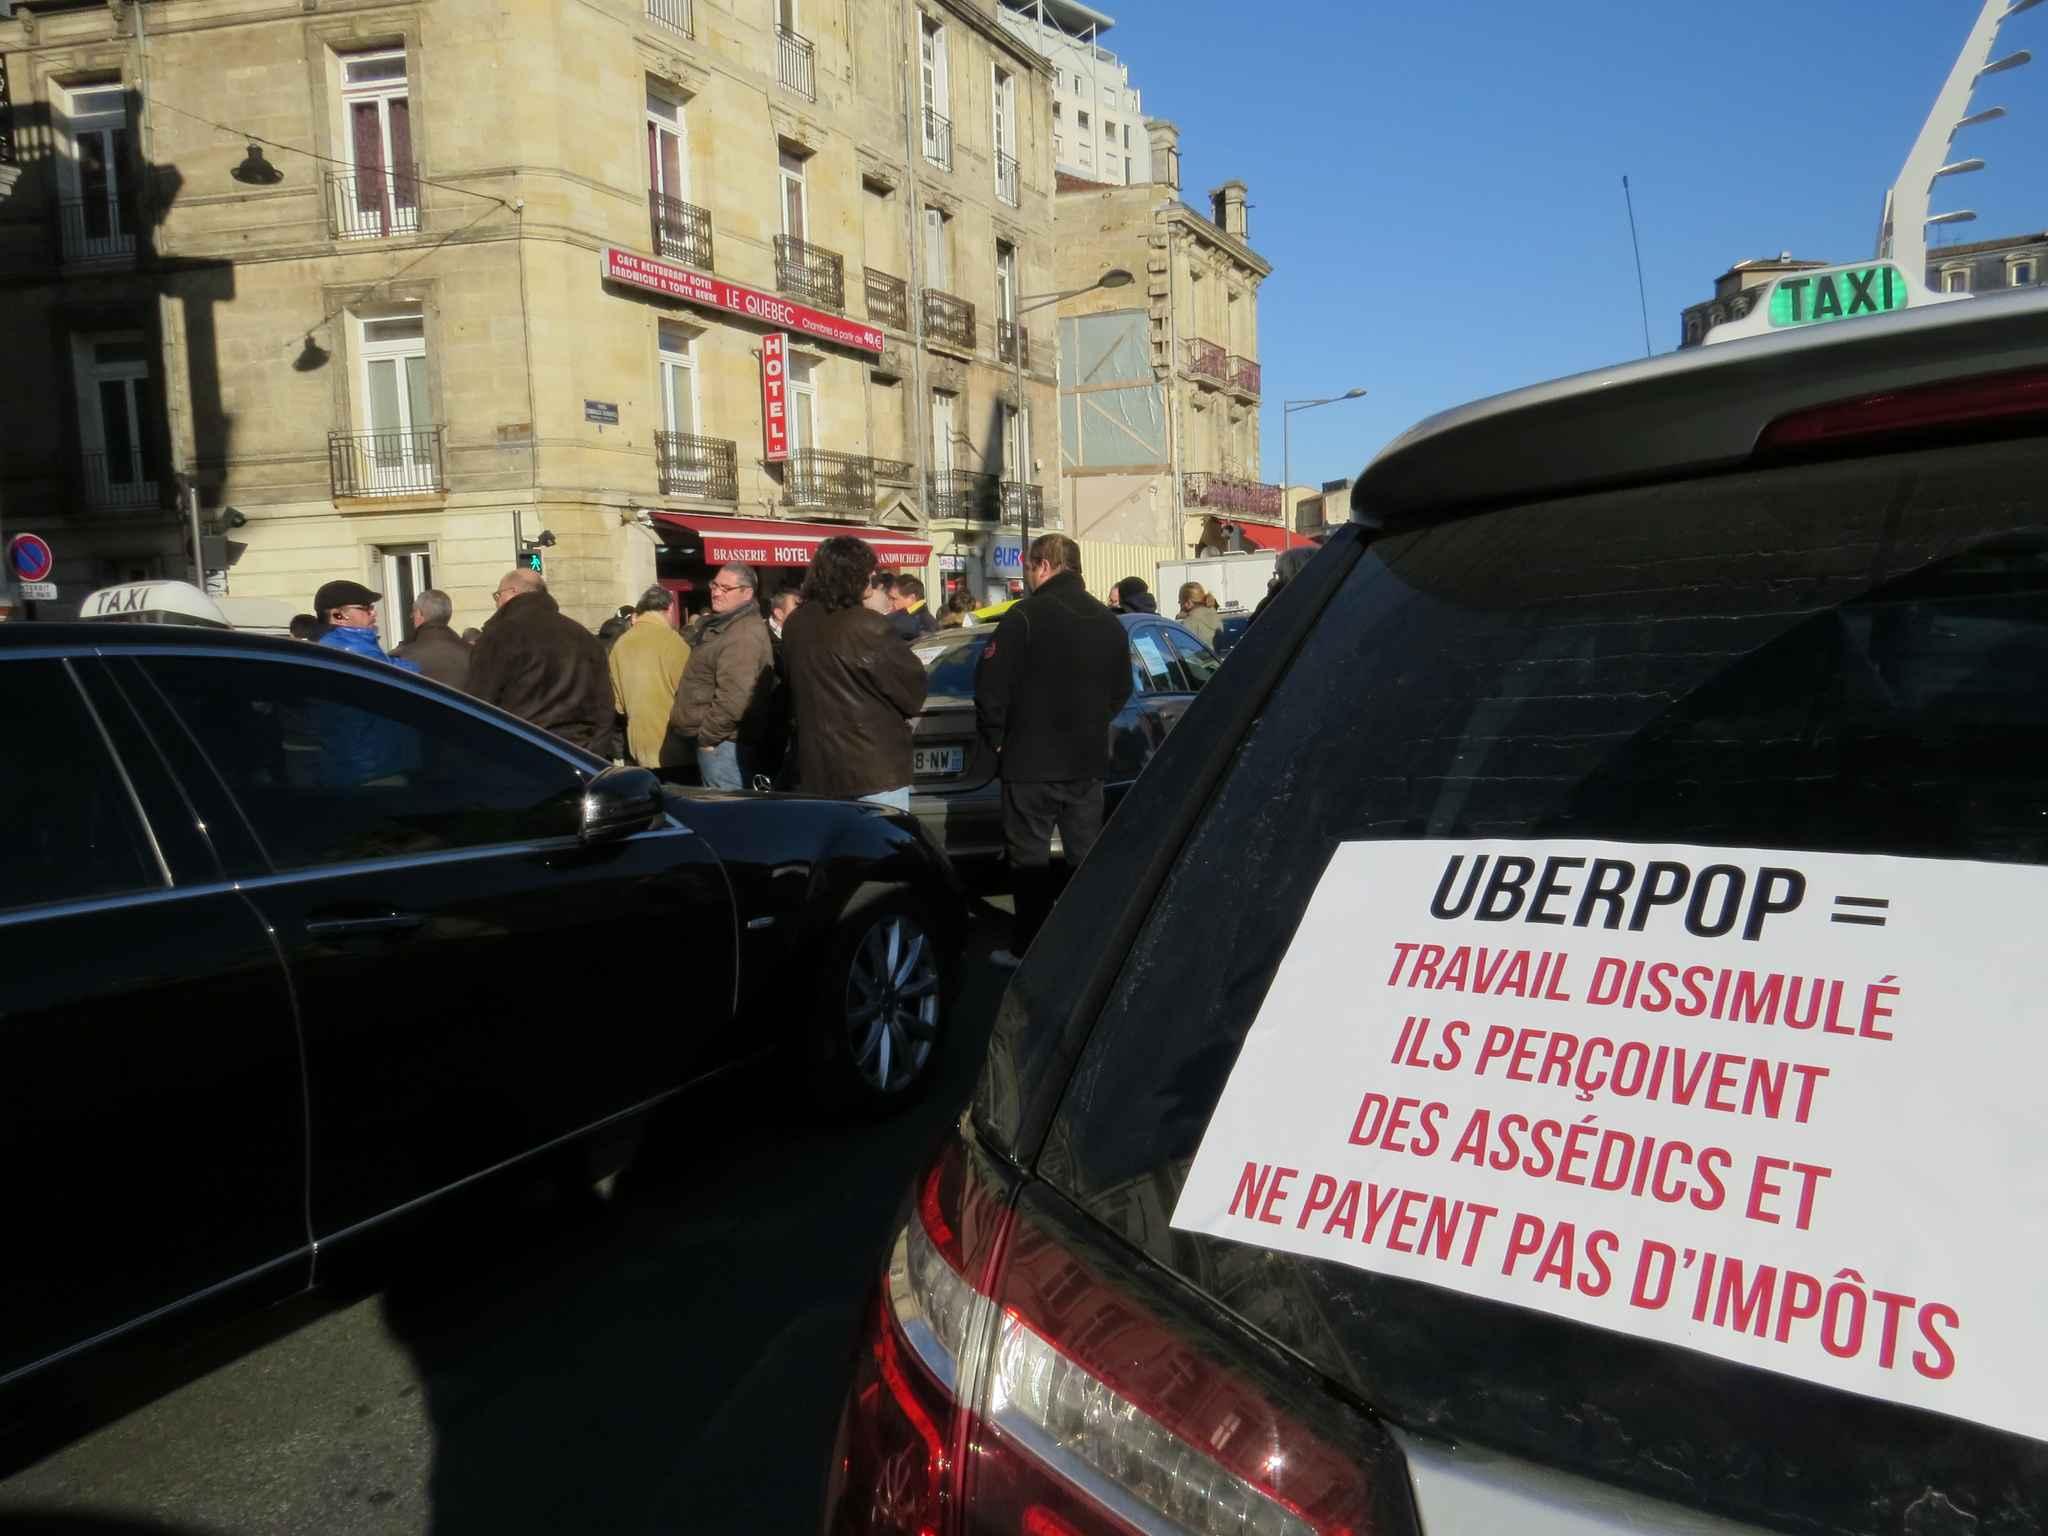 UberPOP expulsé des Pays-Bas tandis qu'Uber est accusé d'évasion fiscale en Australie